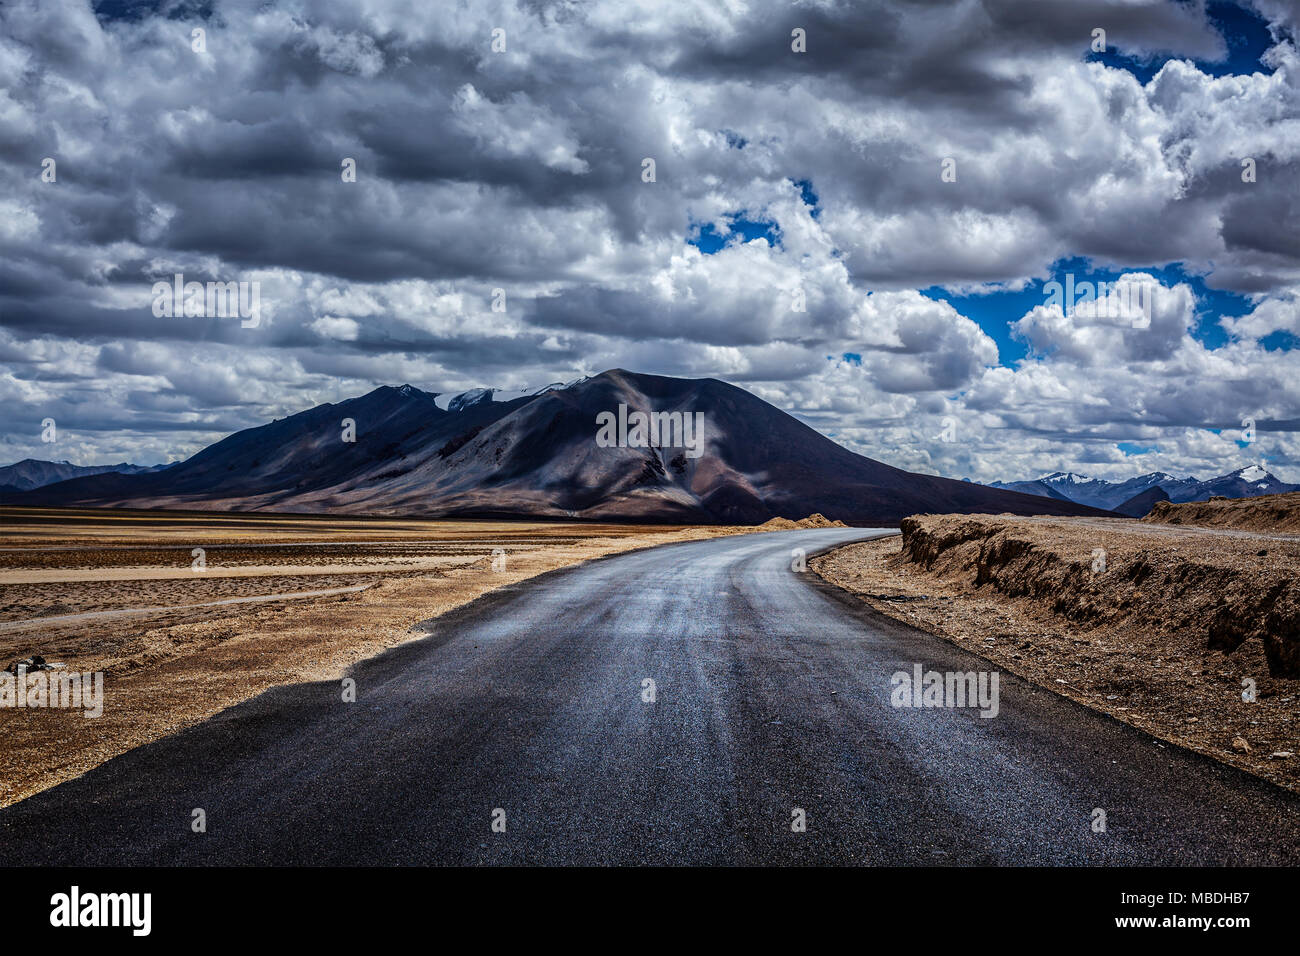 Manali-Leh highway. Ladakh, India - Stock Image